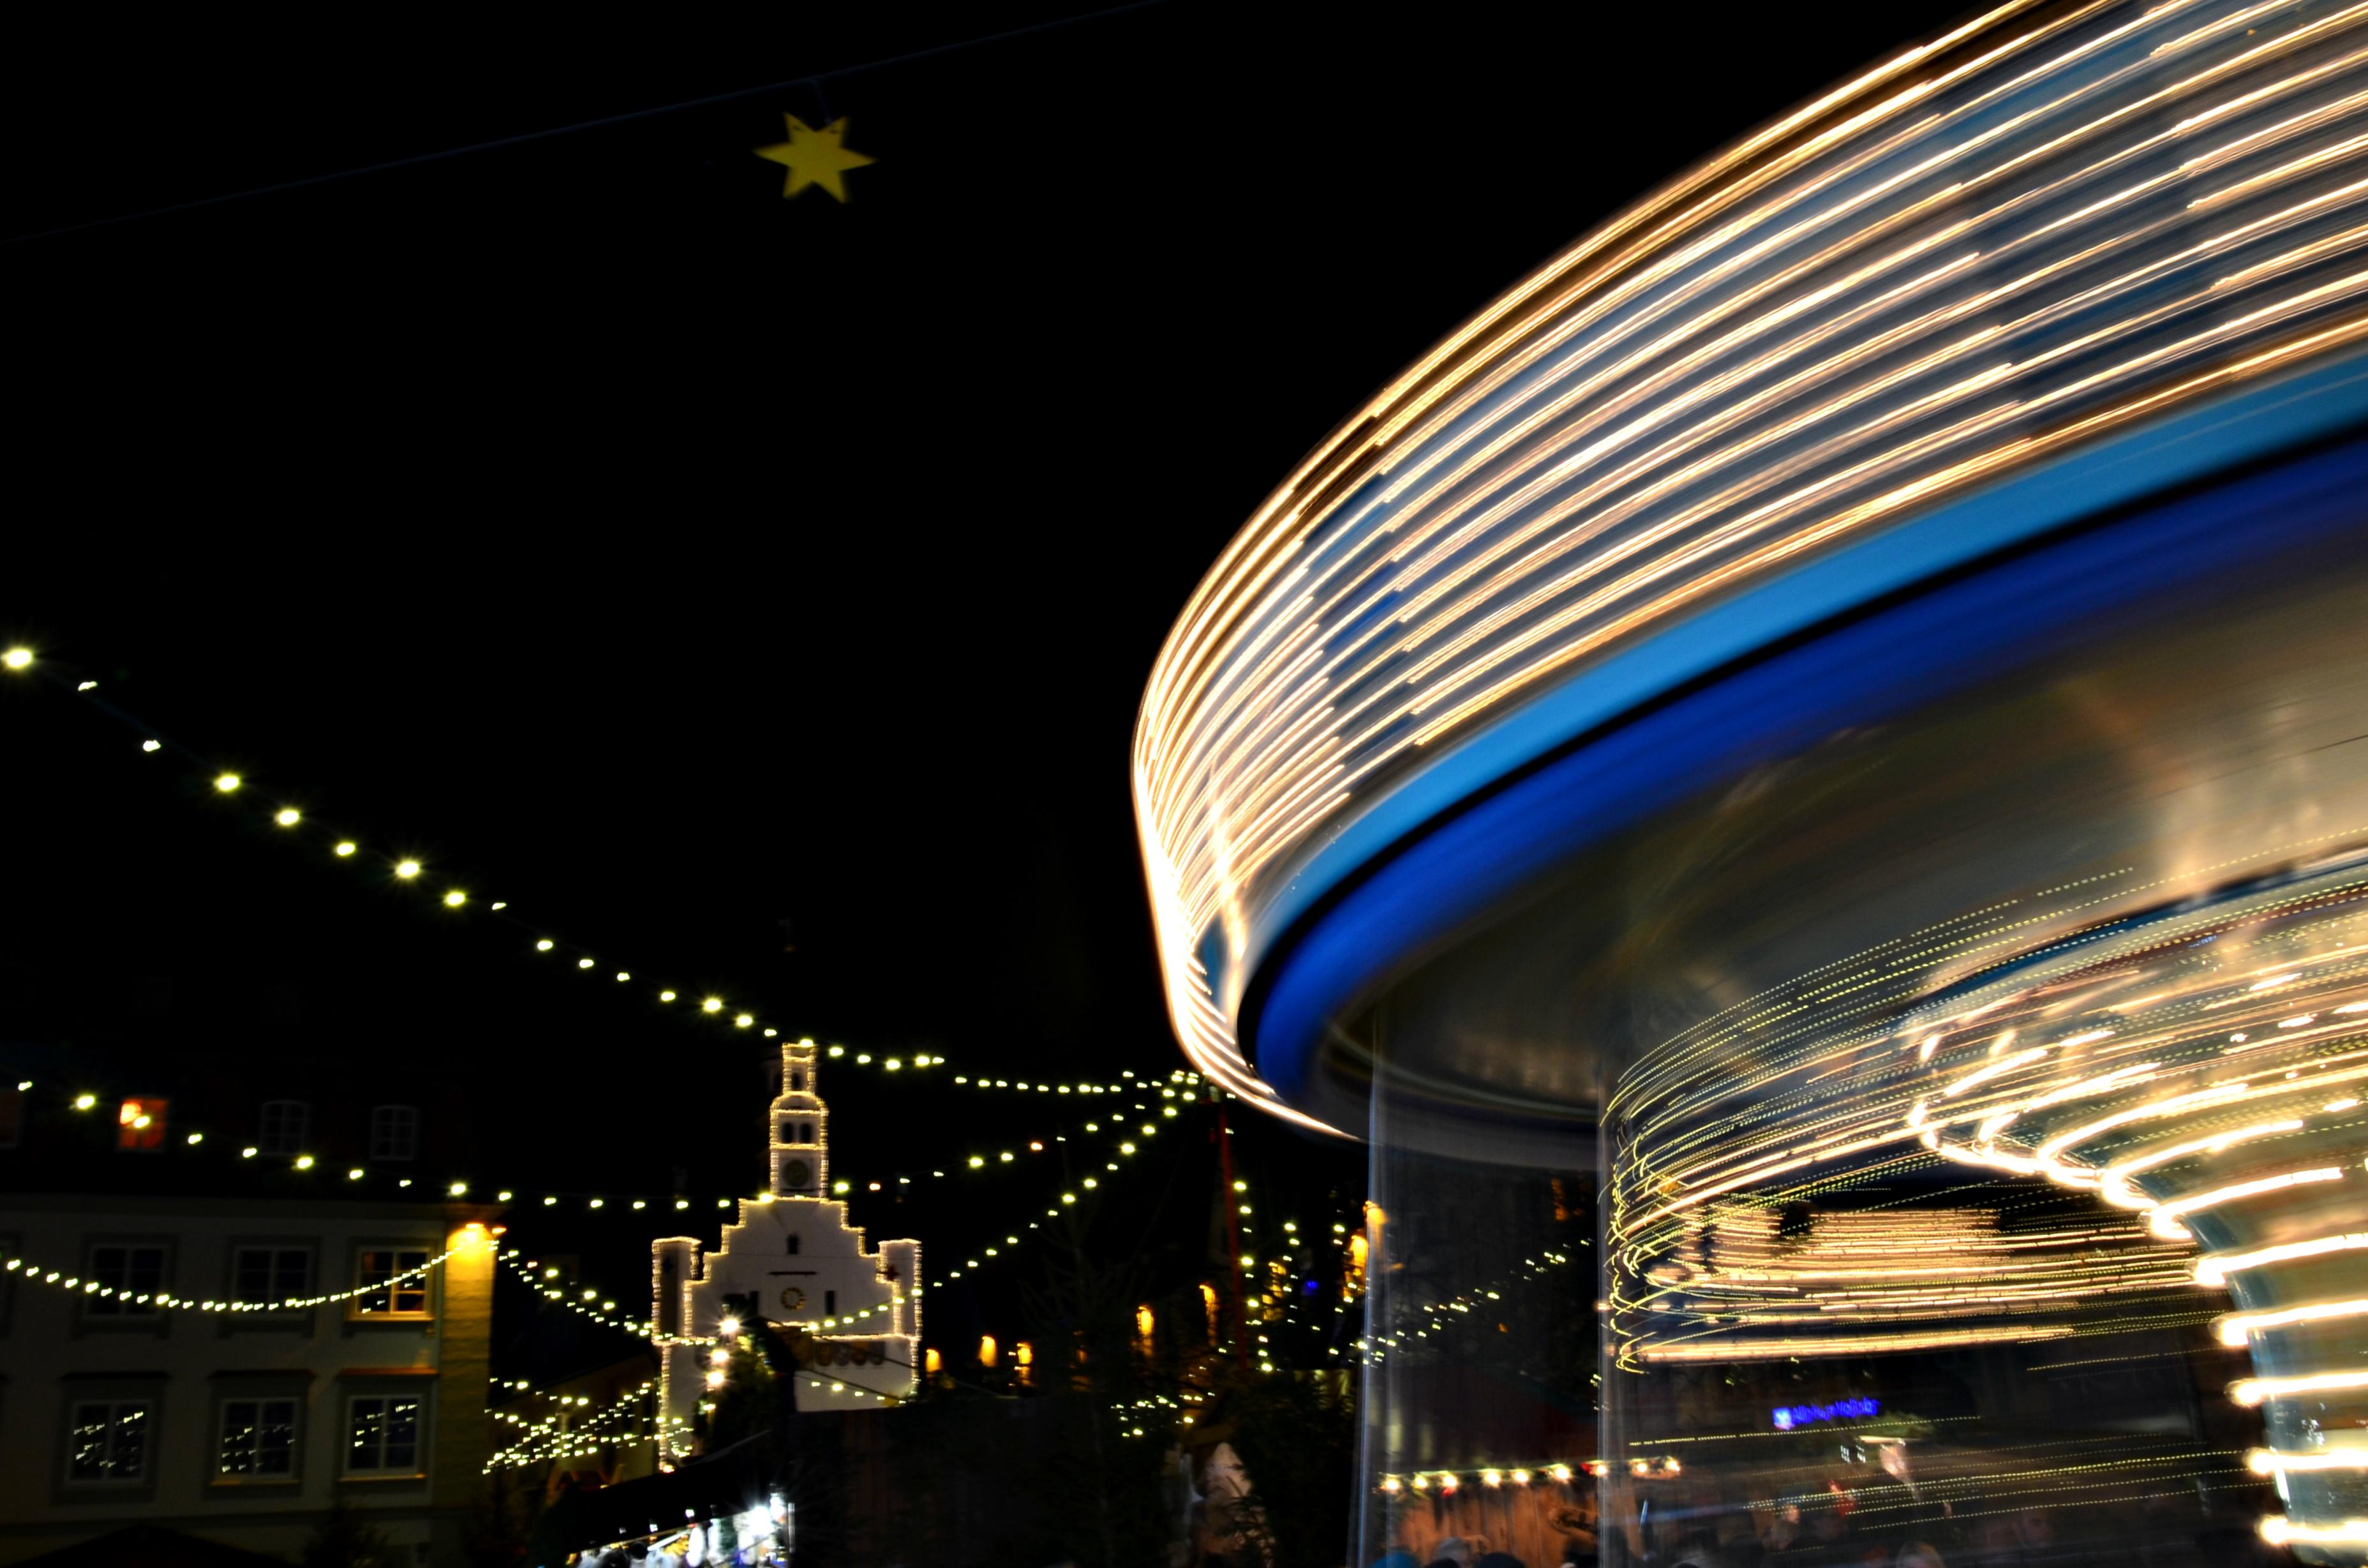 W0176 Weihnachtsmarkt Kempten.jpg